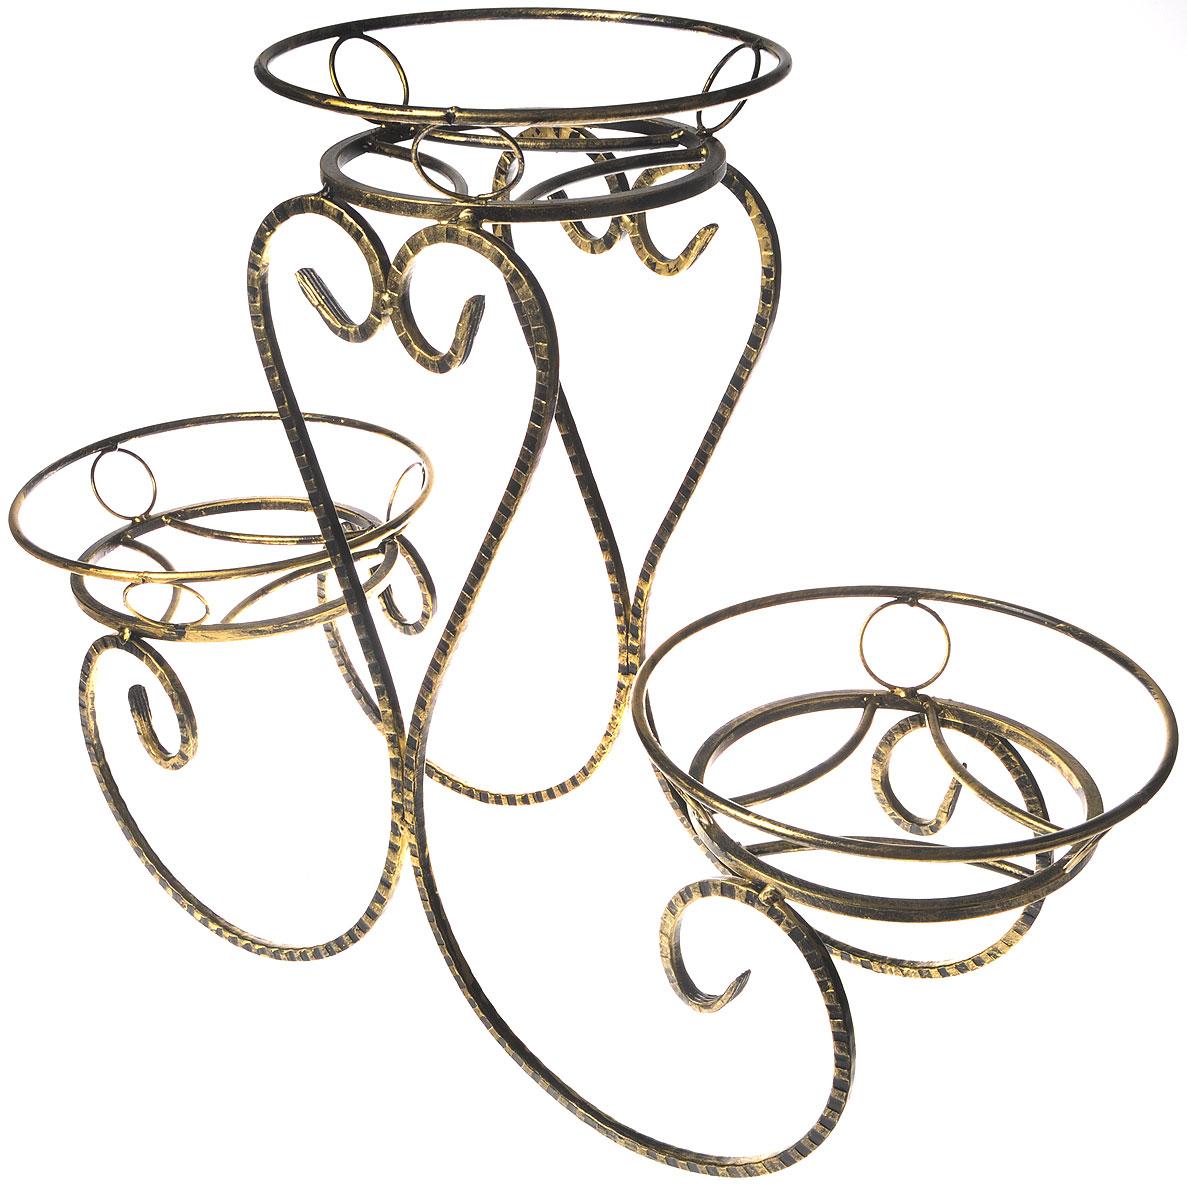 Подставка для цветов Фабрика ковки Классика, на 3 цветка, цвет: черный, золотистый. 70-043SMG-20Подставка Фабрика ковки Классика предназначена для размещения трех цветочных кашпо, одно размещается на верхнем уровне, два на нижнем. Подставка выполнена из резного окрашенного металла. Ножки выполнены в виде завитков, на которых расположены подставки, декорированные кольцами. Симметричность подставки не только обеспечивает высокую надежность установки цветков, но и придает ей строгий и презентабельный вид.Размер подставки: 80 х 29 х 60 см.Диаметр полок (по верхнему краю): 29 см.